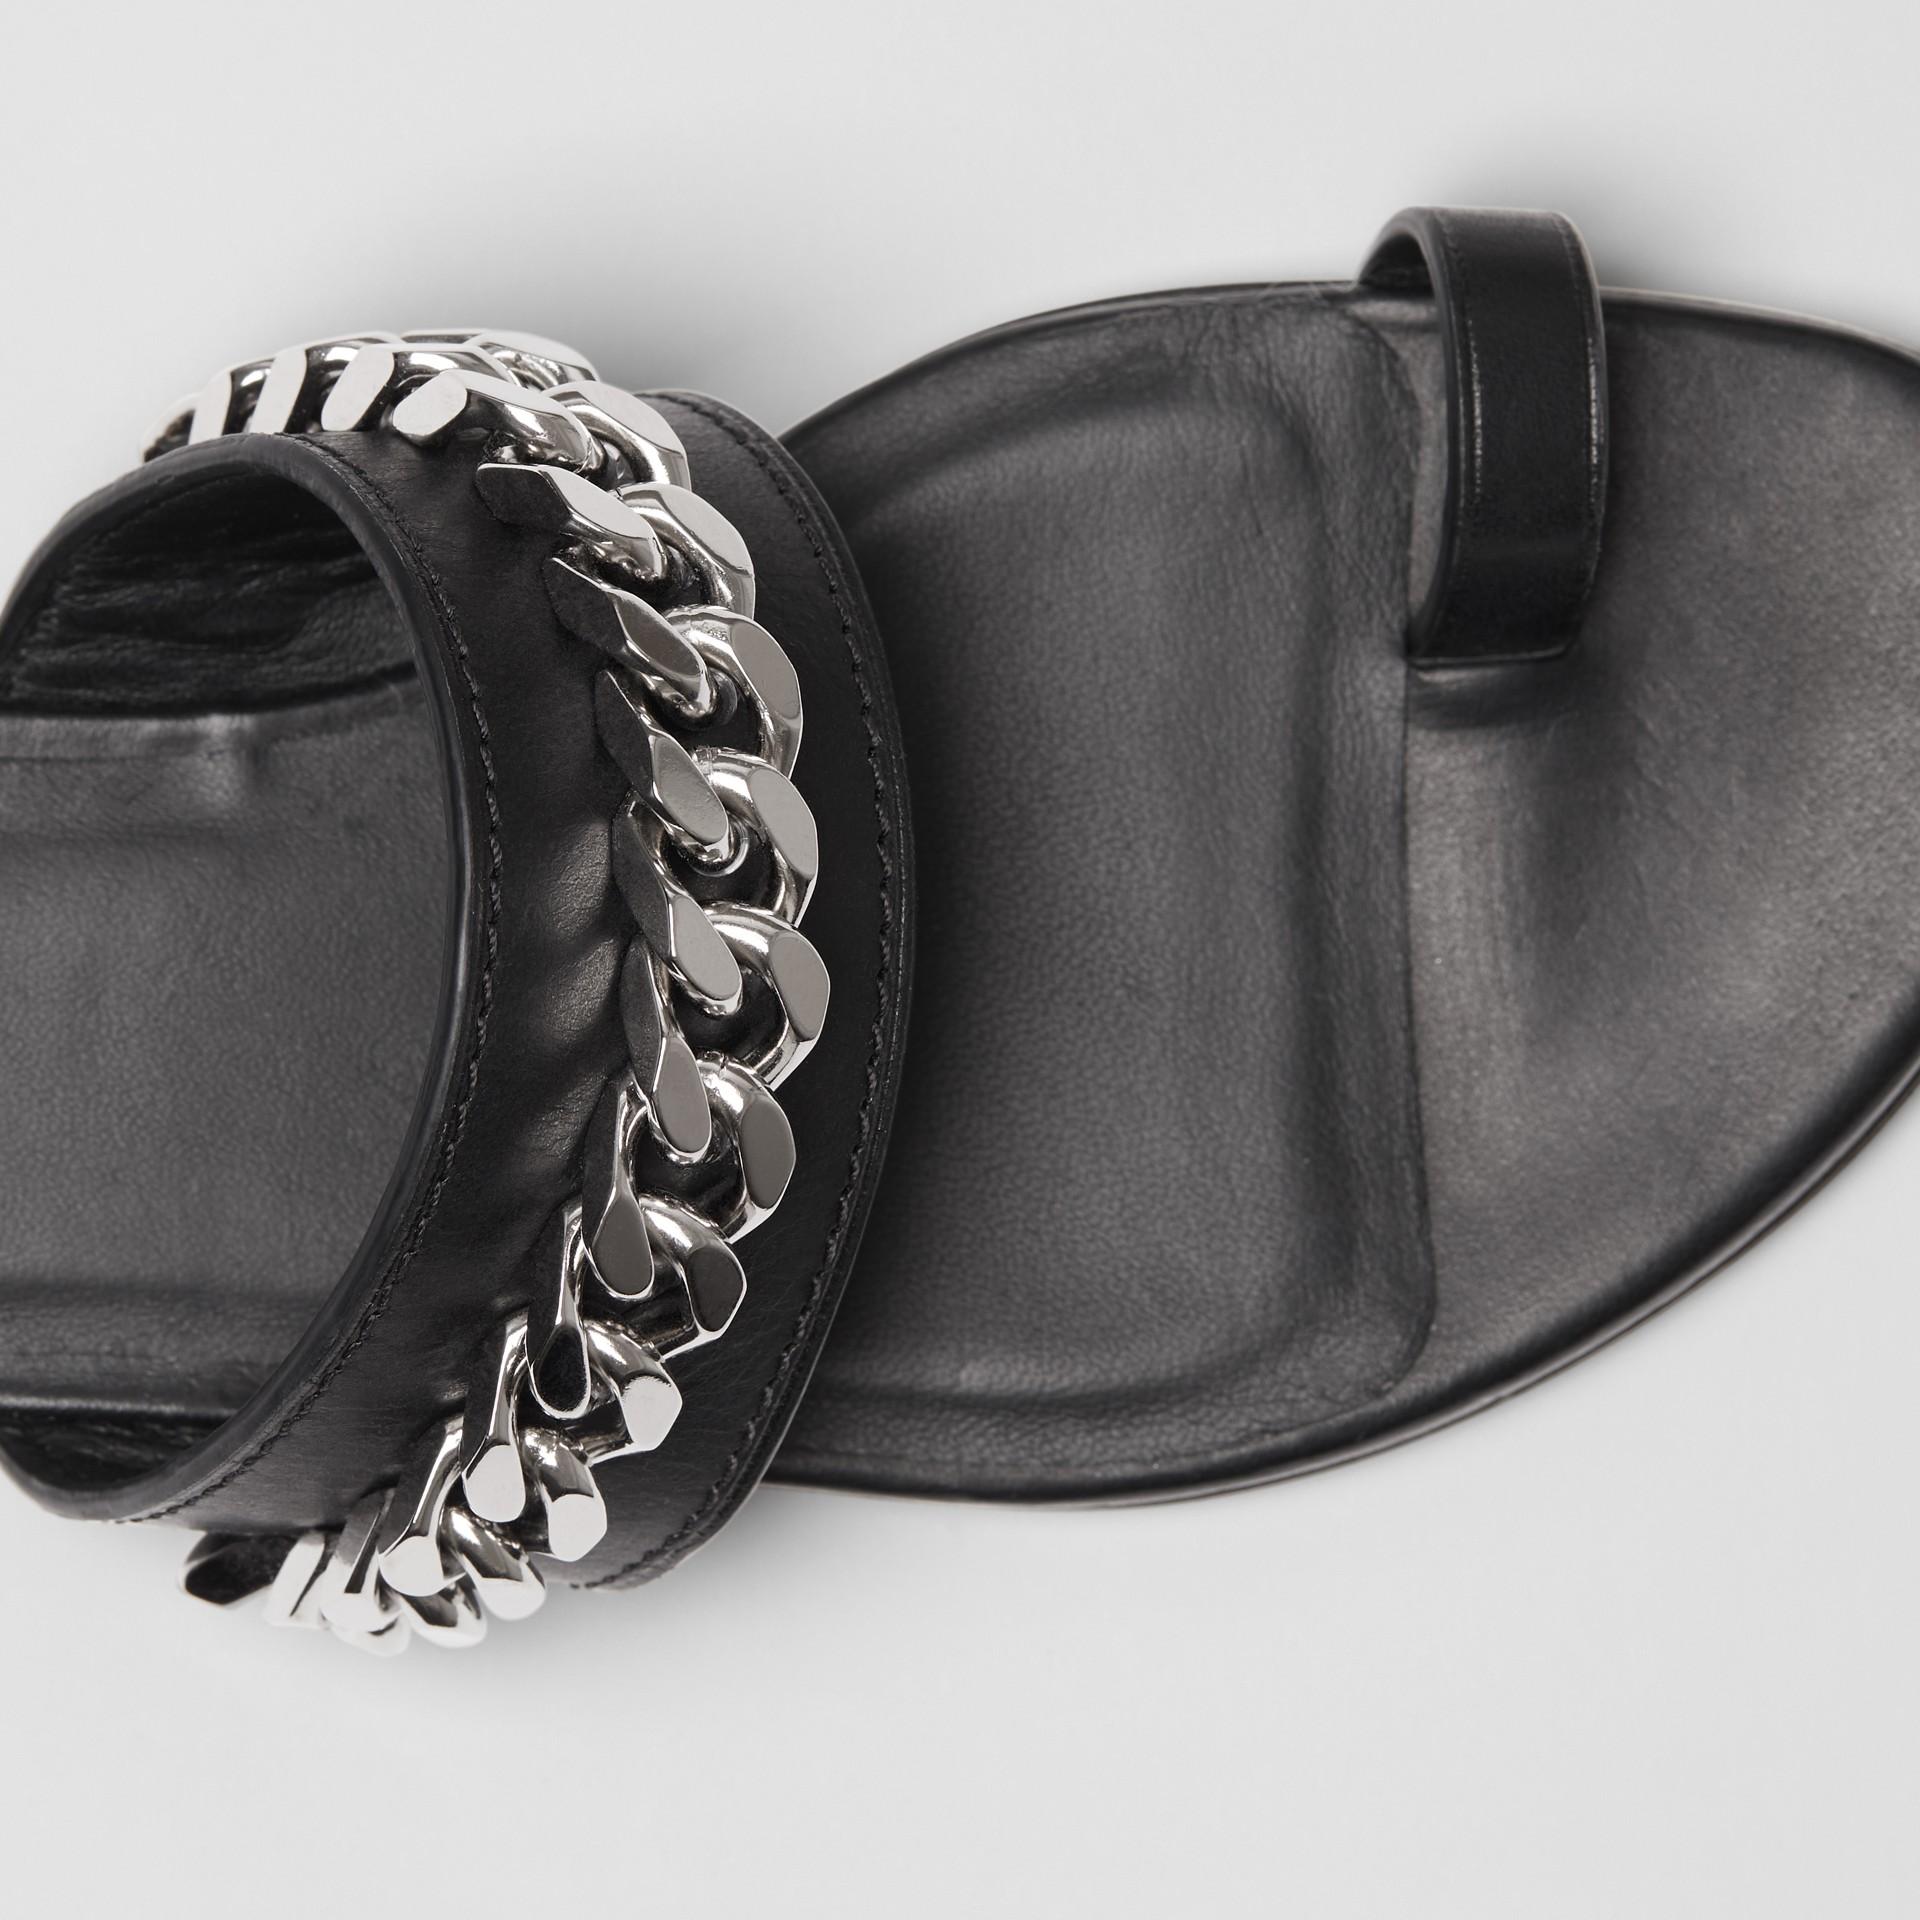 Sandales en cuir avec chaîne (Noir) - Femme | Burberry Canada - photo de la galerie 1